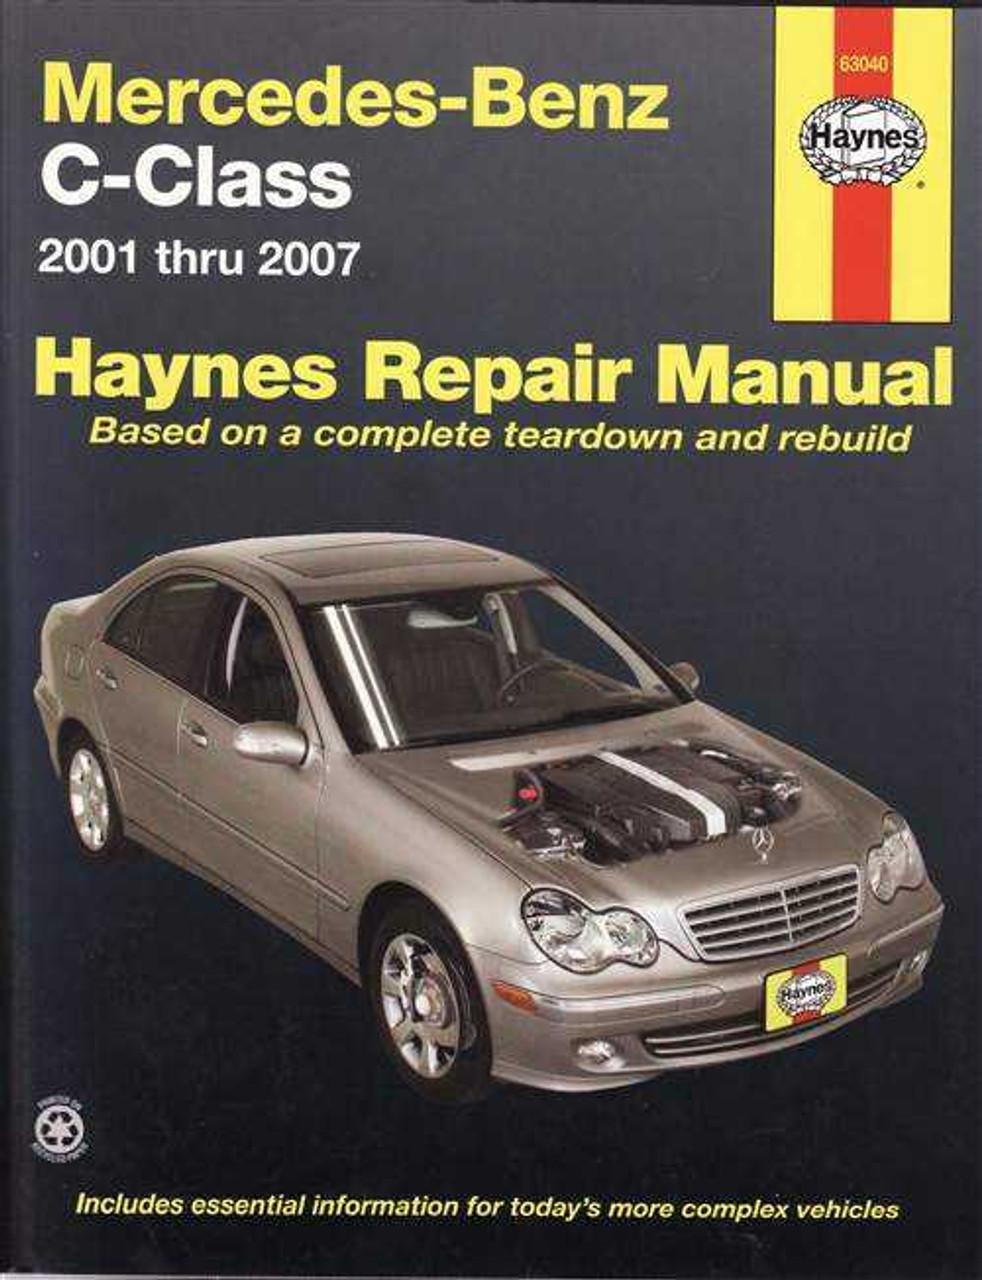 mercedes benz c class 2001 2007 workshop manual rh automotobookshop com au 2001 C240 Reliability 2001 Mercedes 240C